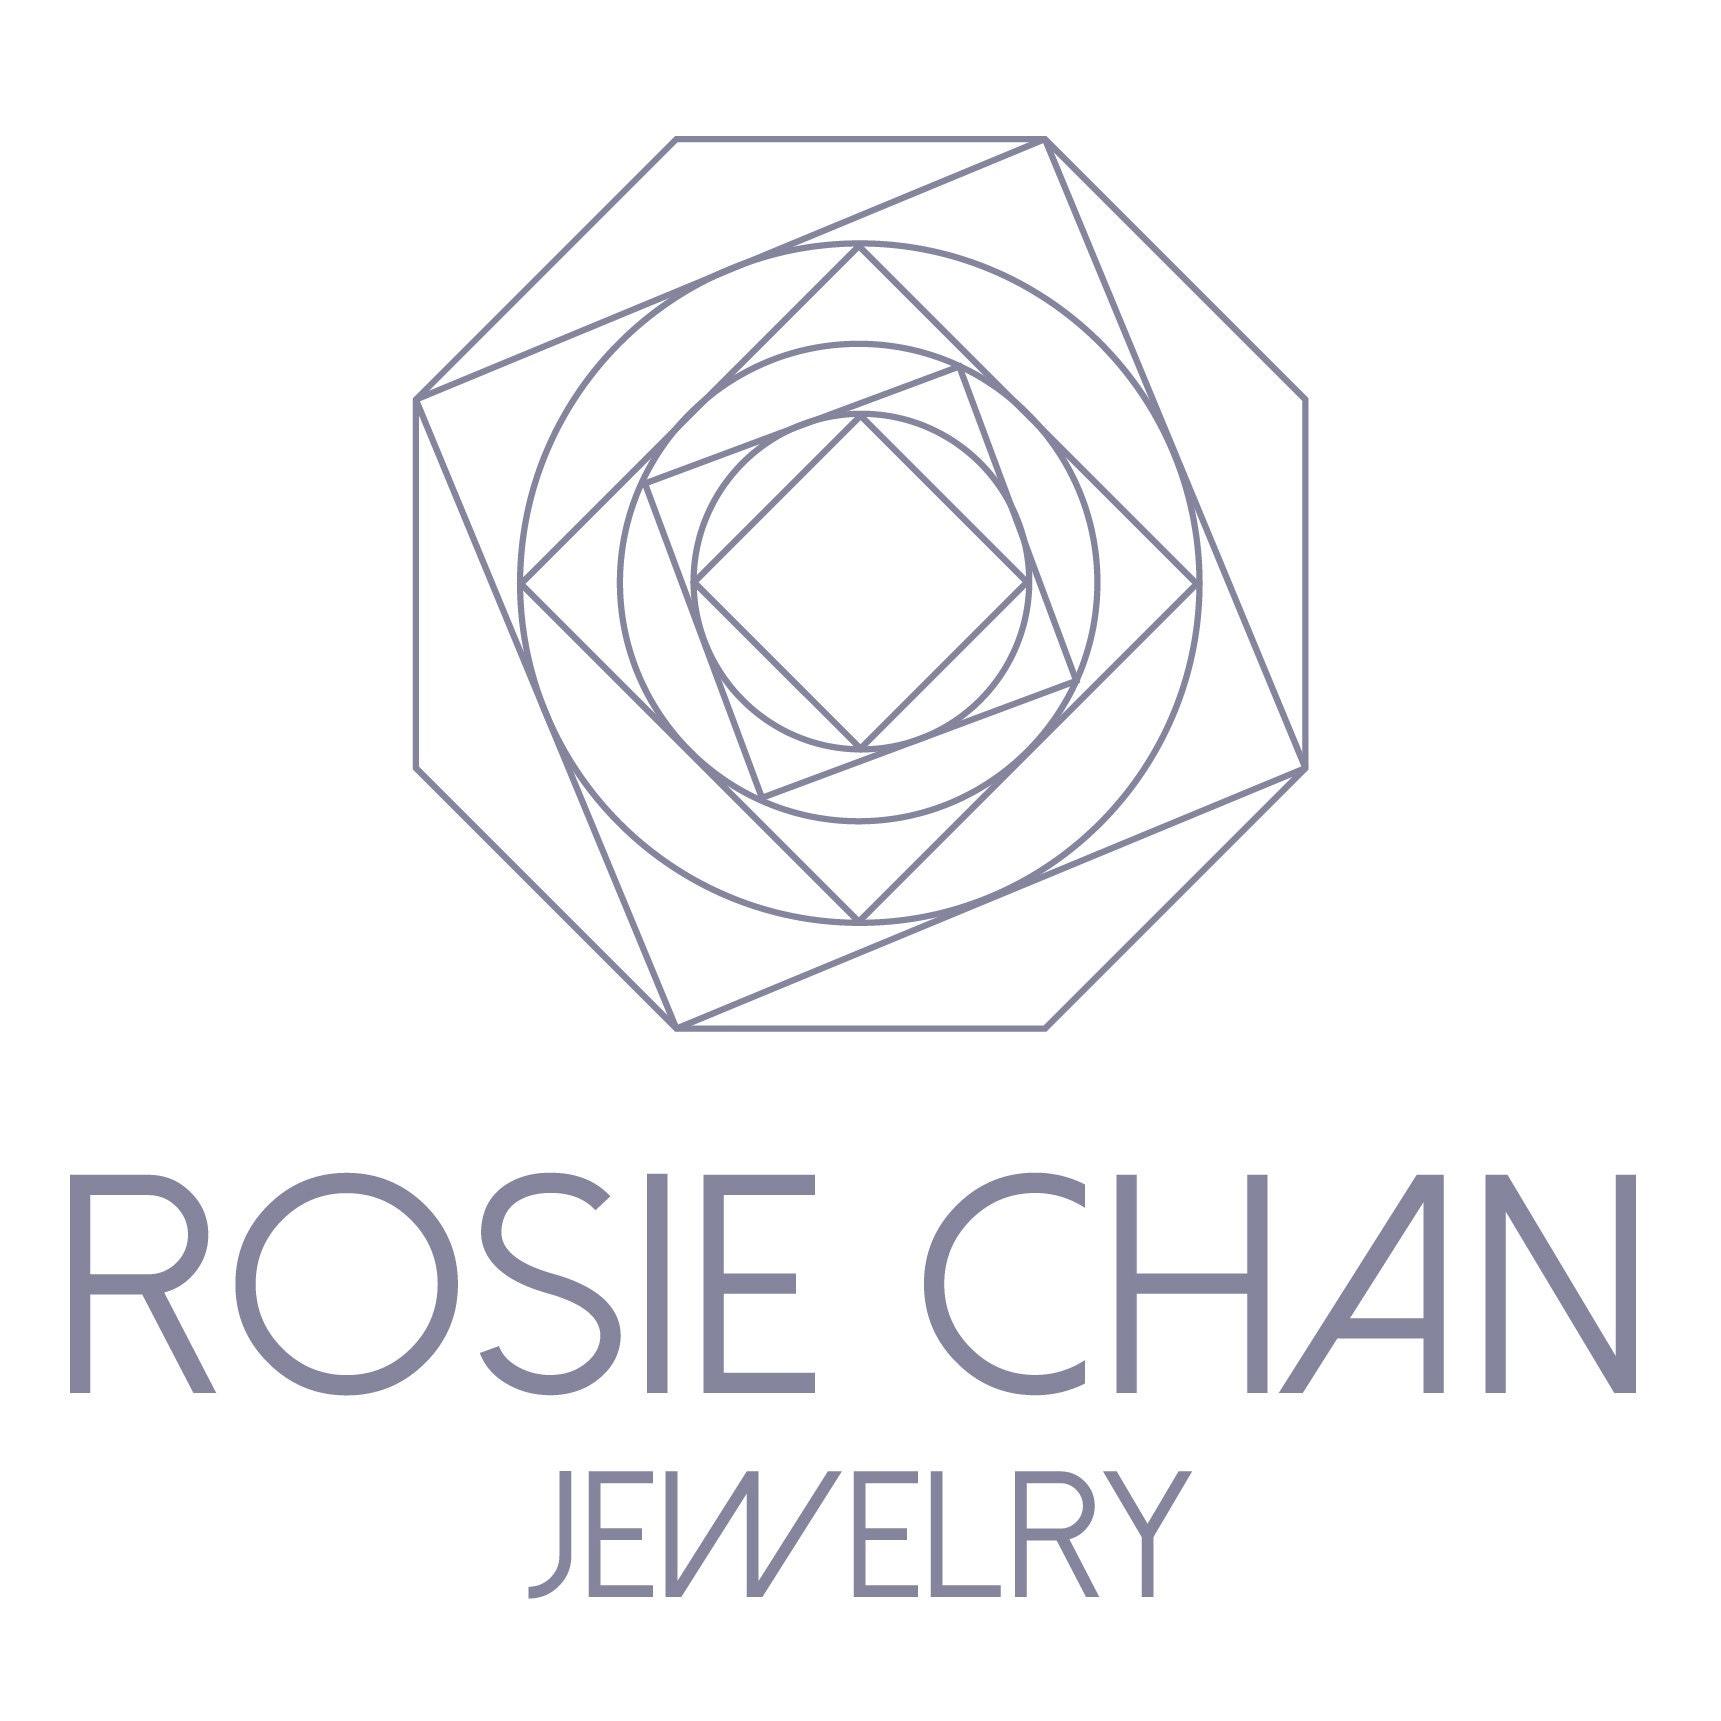 Rosie Chan